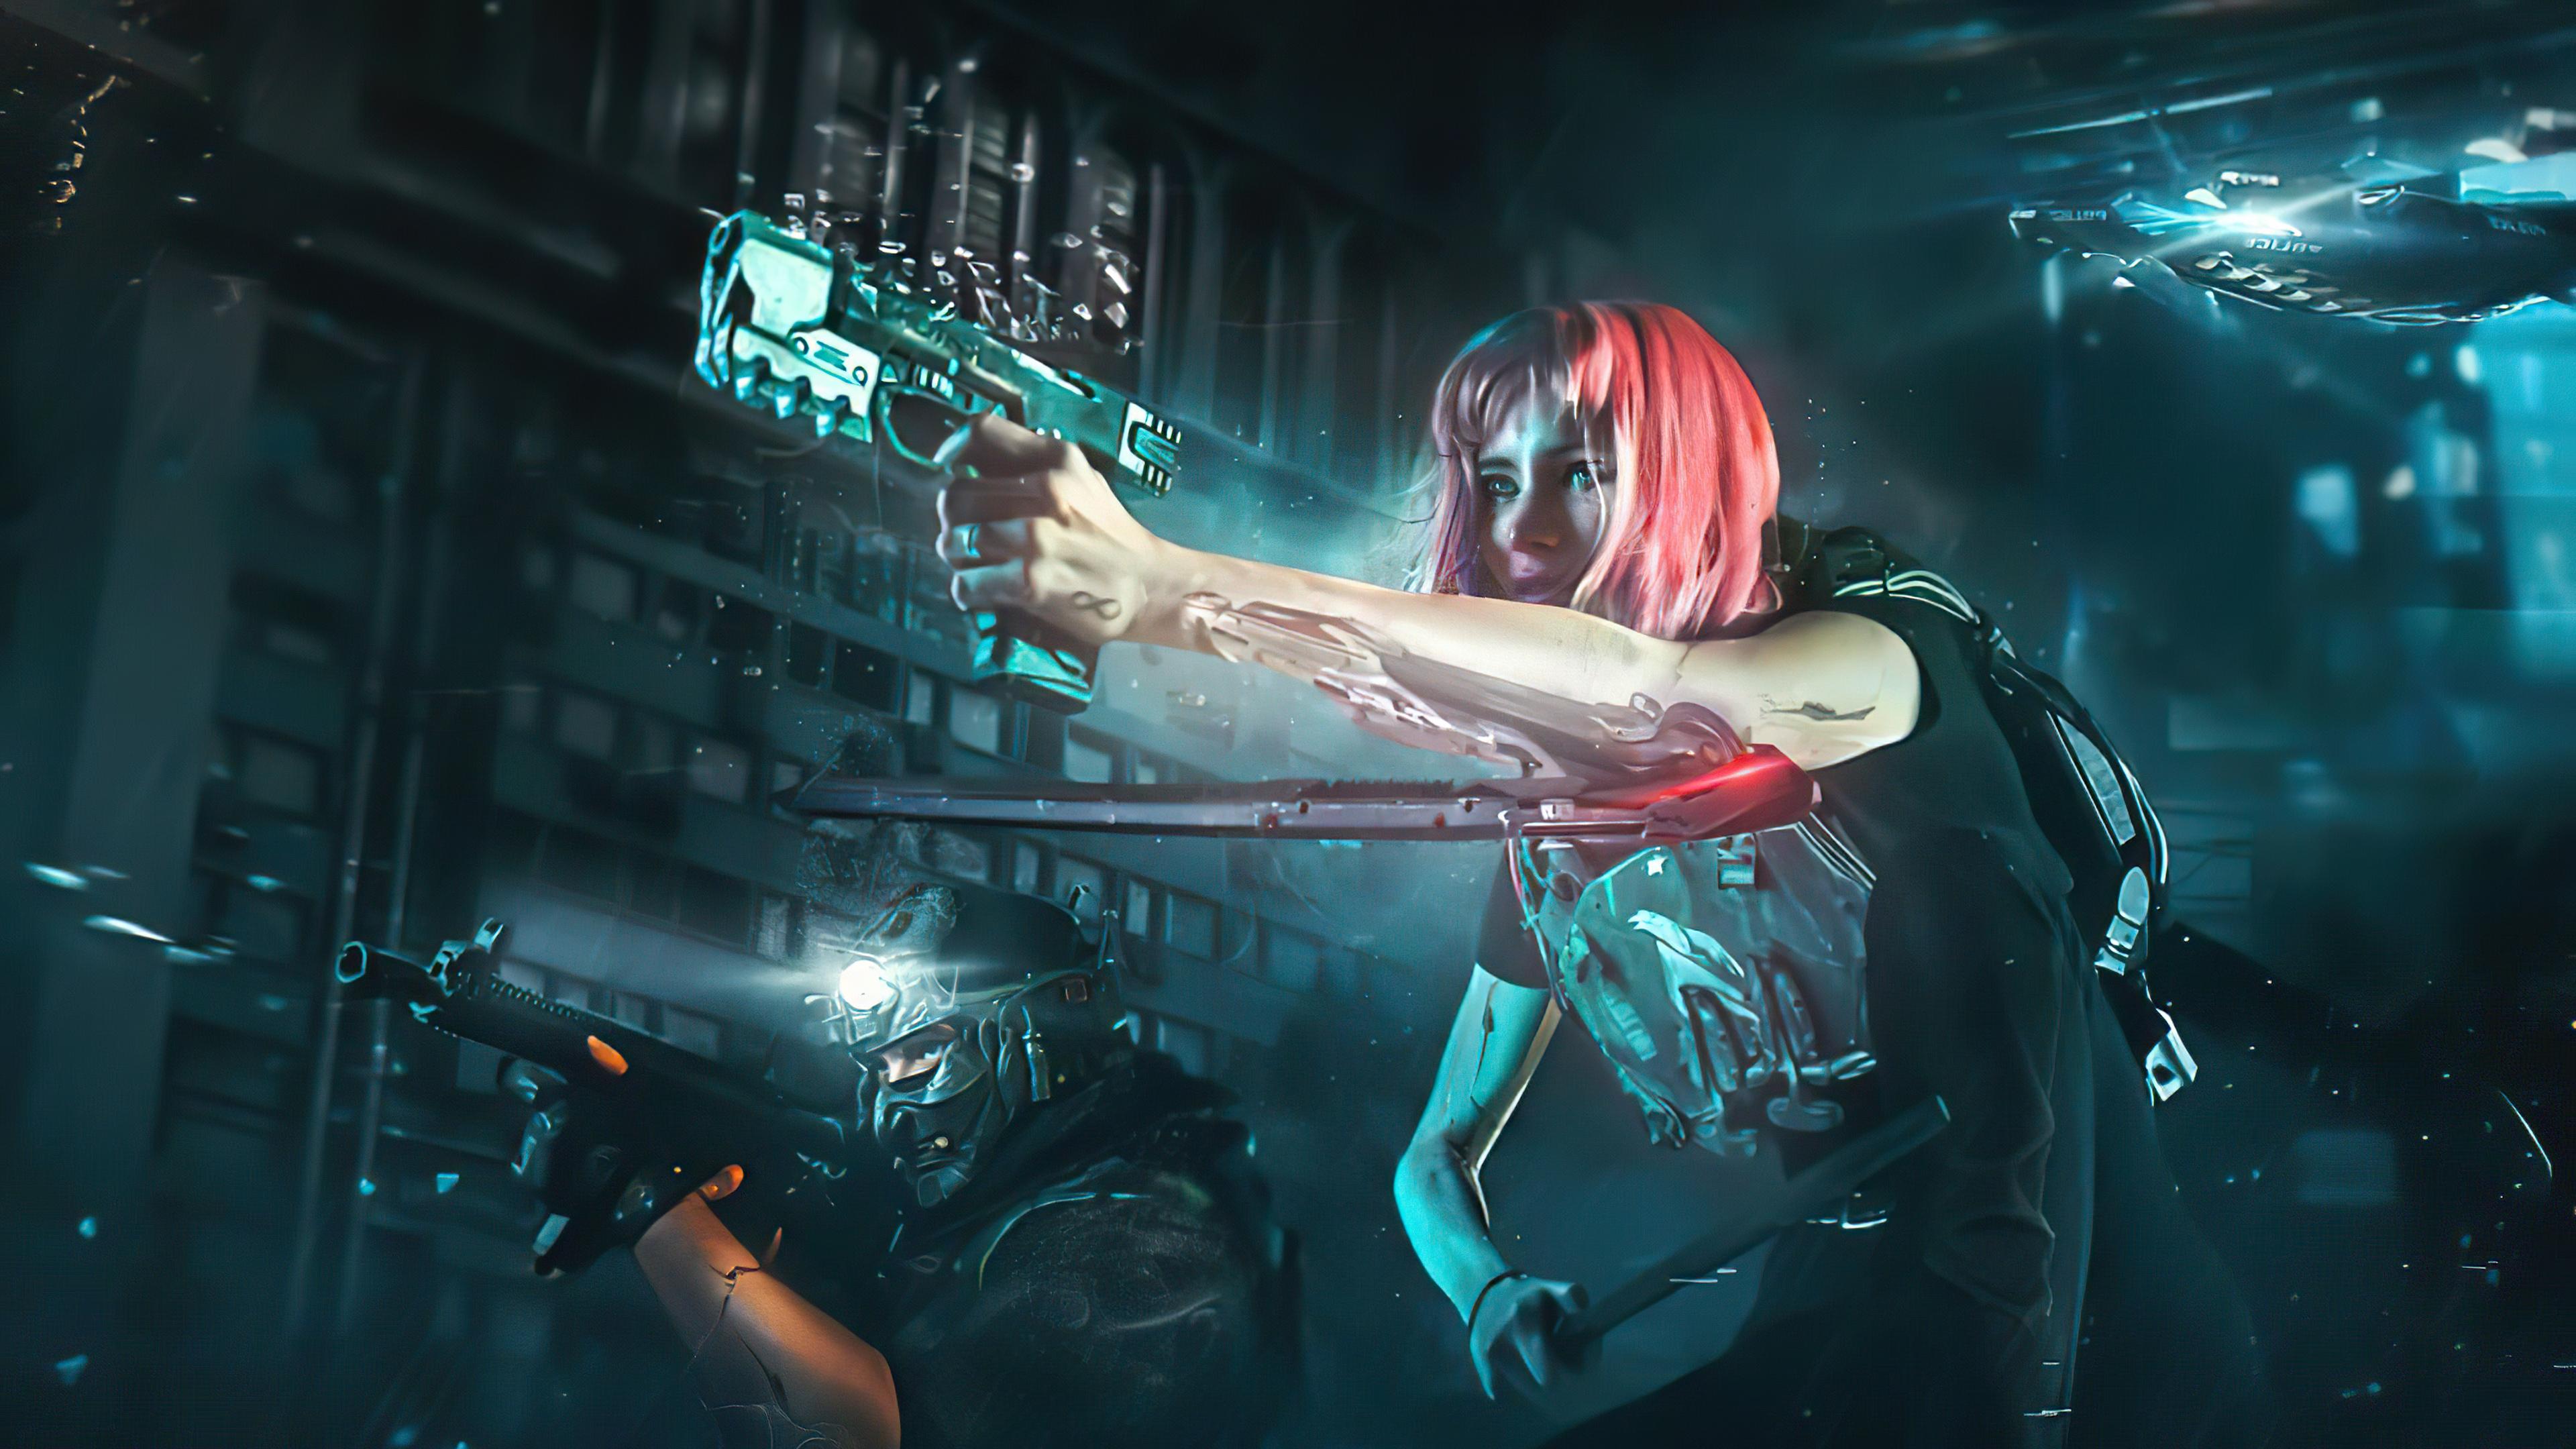 scifi girl shoot those guys 4k 1608658977 - Scifi Girl Shoot Those Guys 4k - Scifi Girl Shoot Those Guys 4k wallpapers